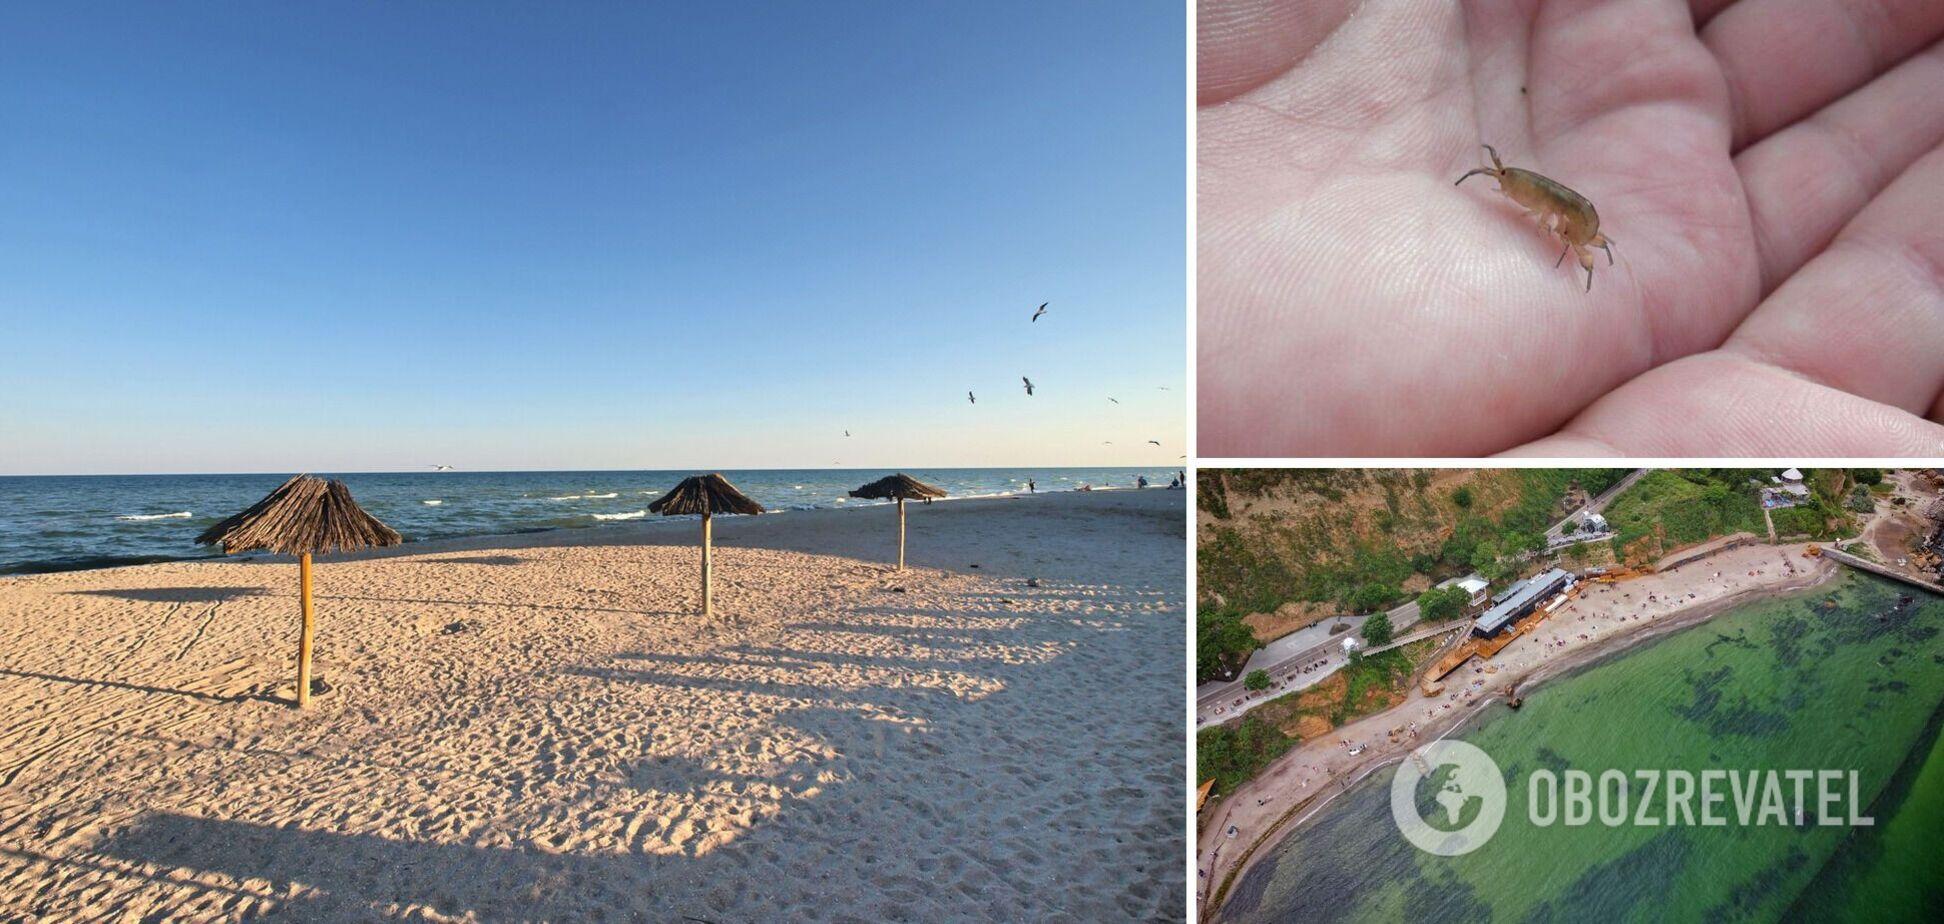 Отдохнуть можно дешево, но есть нюансы: туристы штурмуют Одессу, Бердянск и Кирилловку. Видео